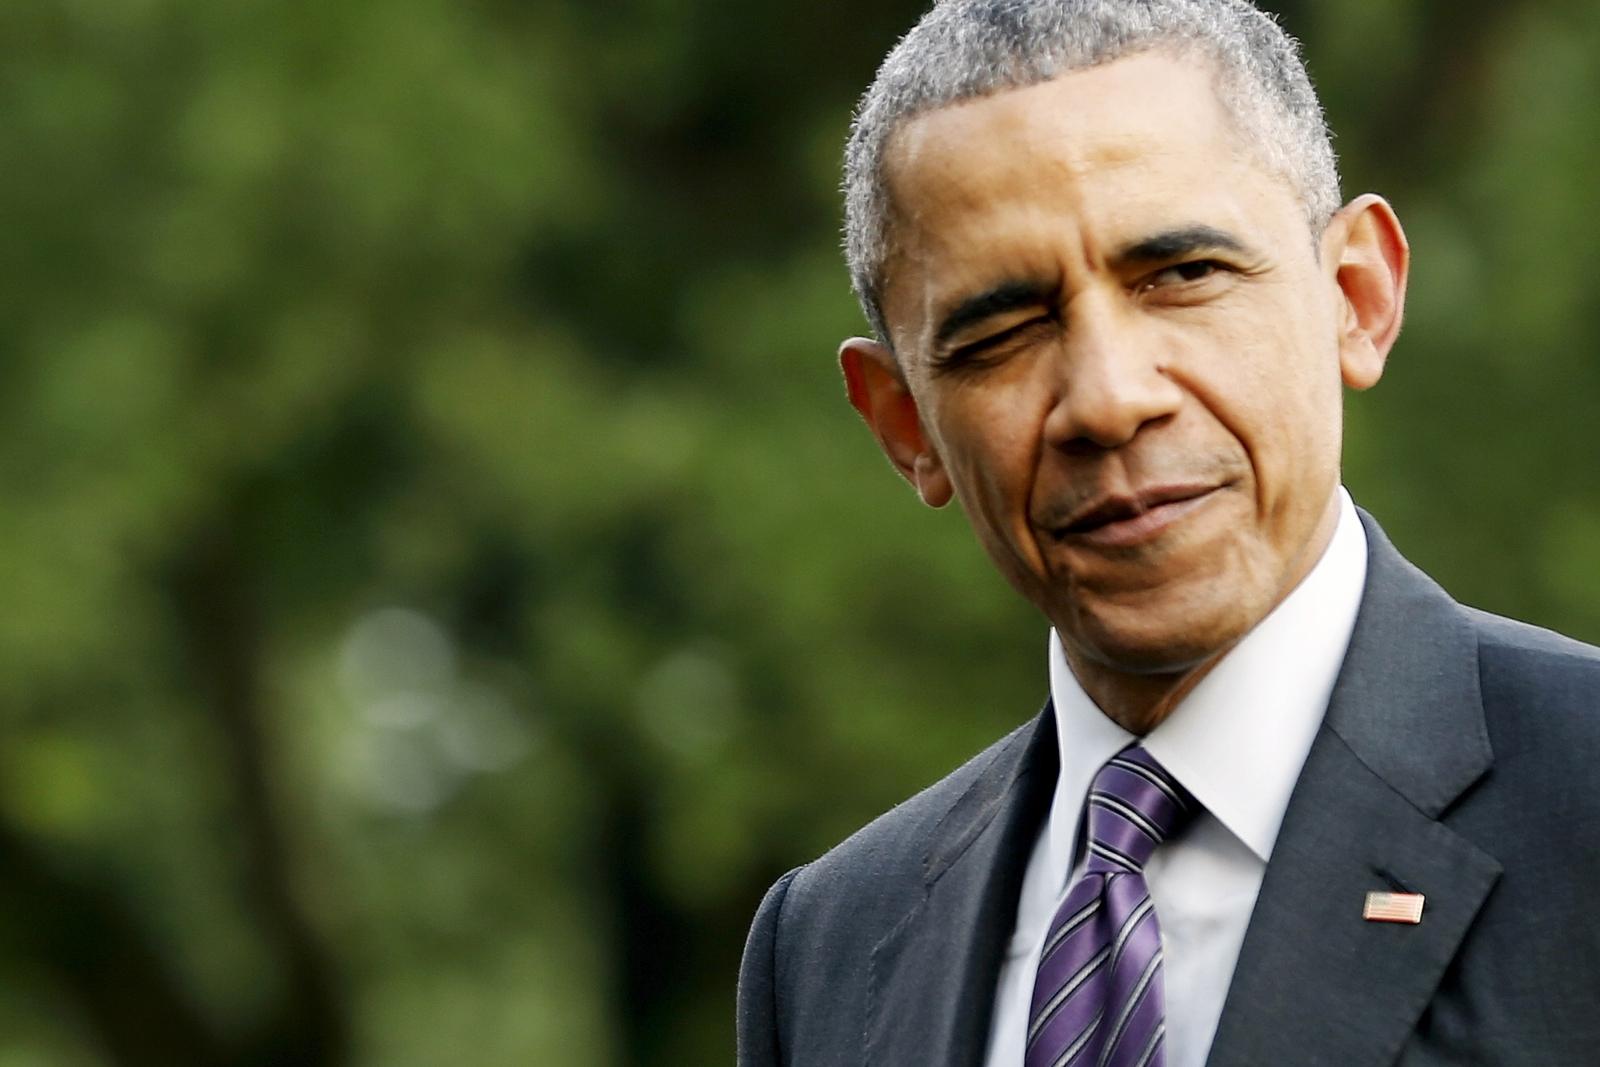 Obama winking